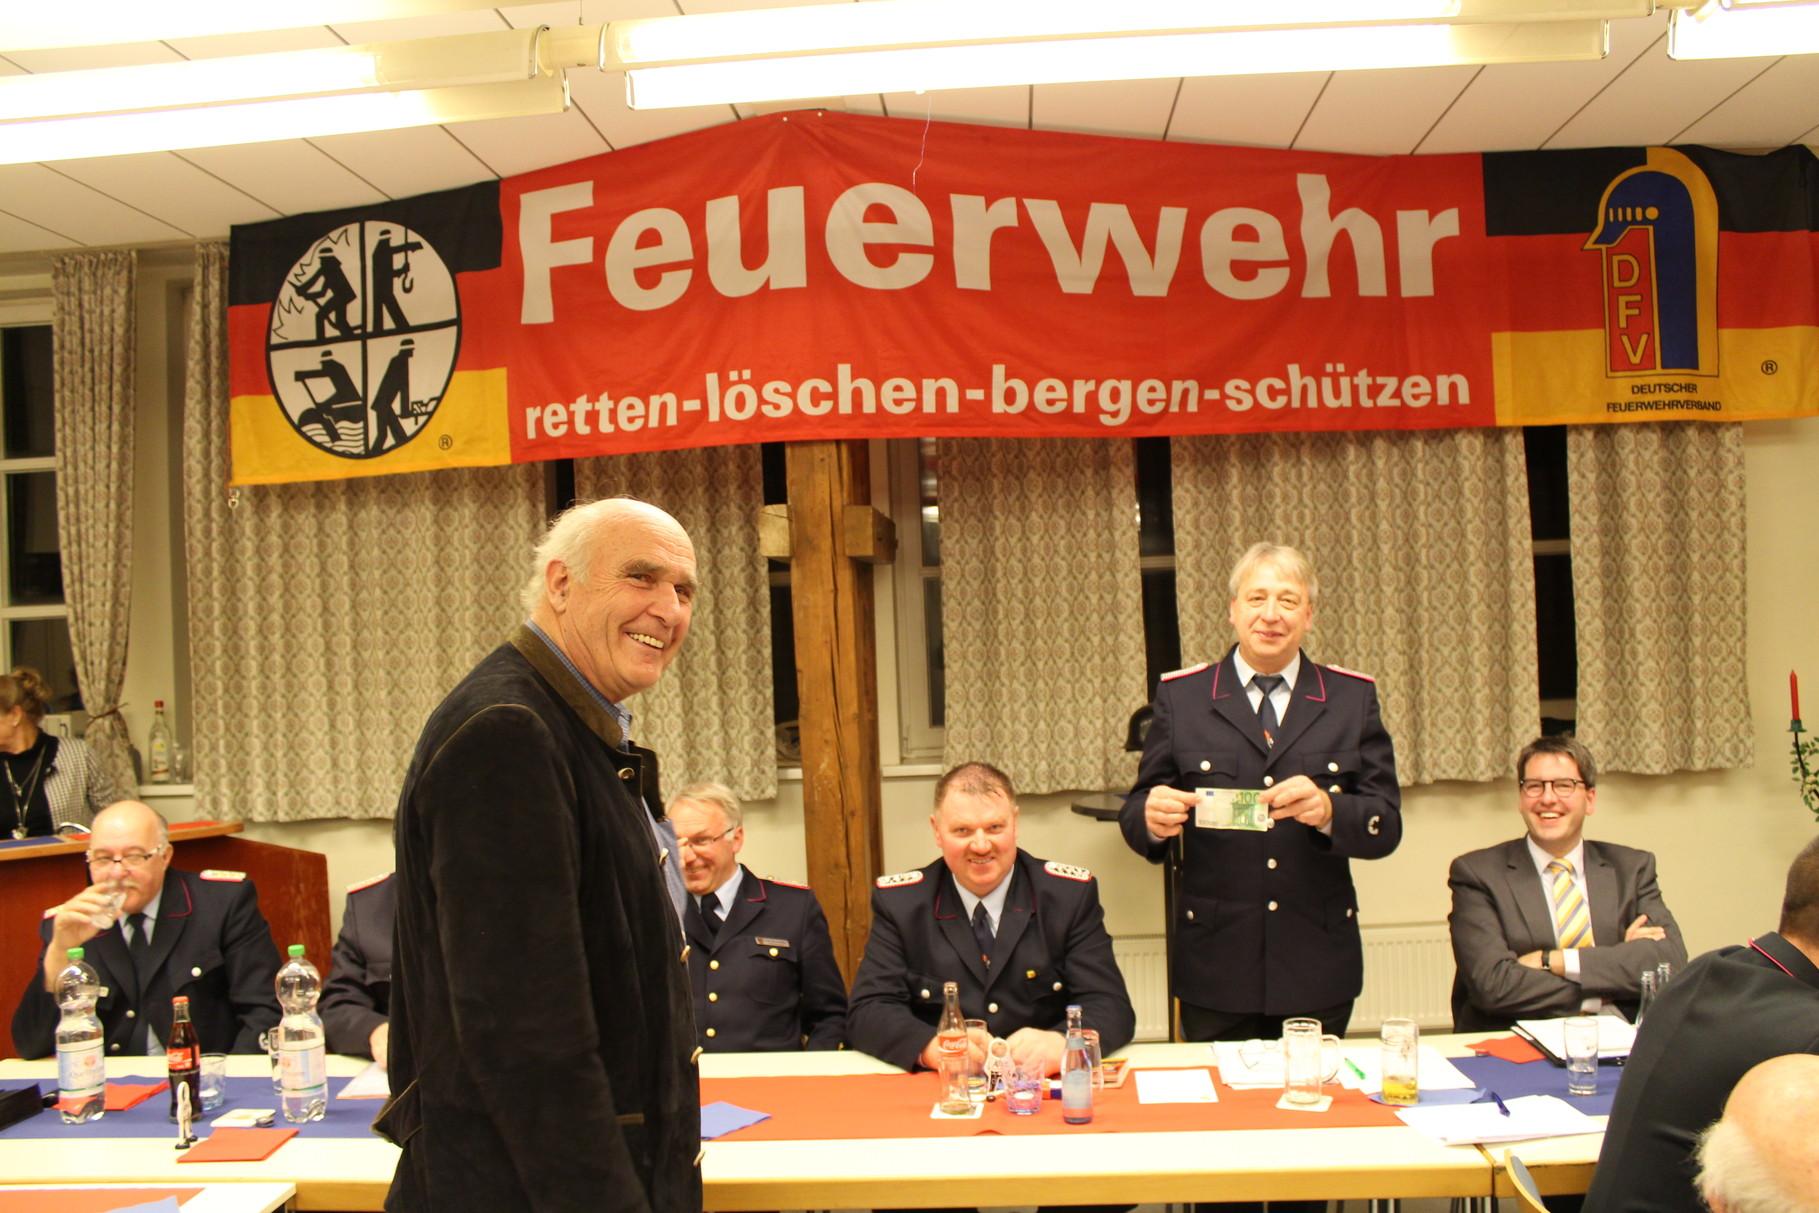 Vorsitzender Forst und Realgemeinde Herr Baron von König